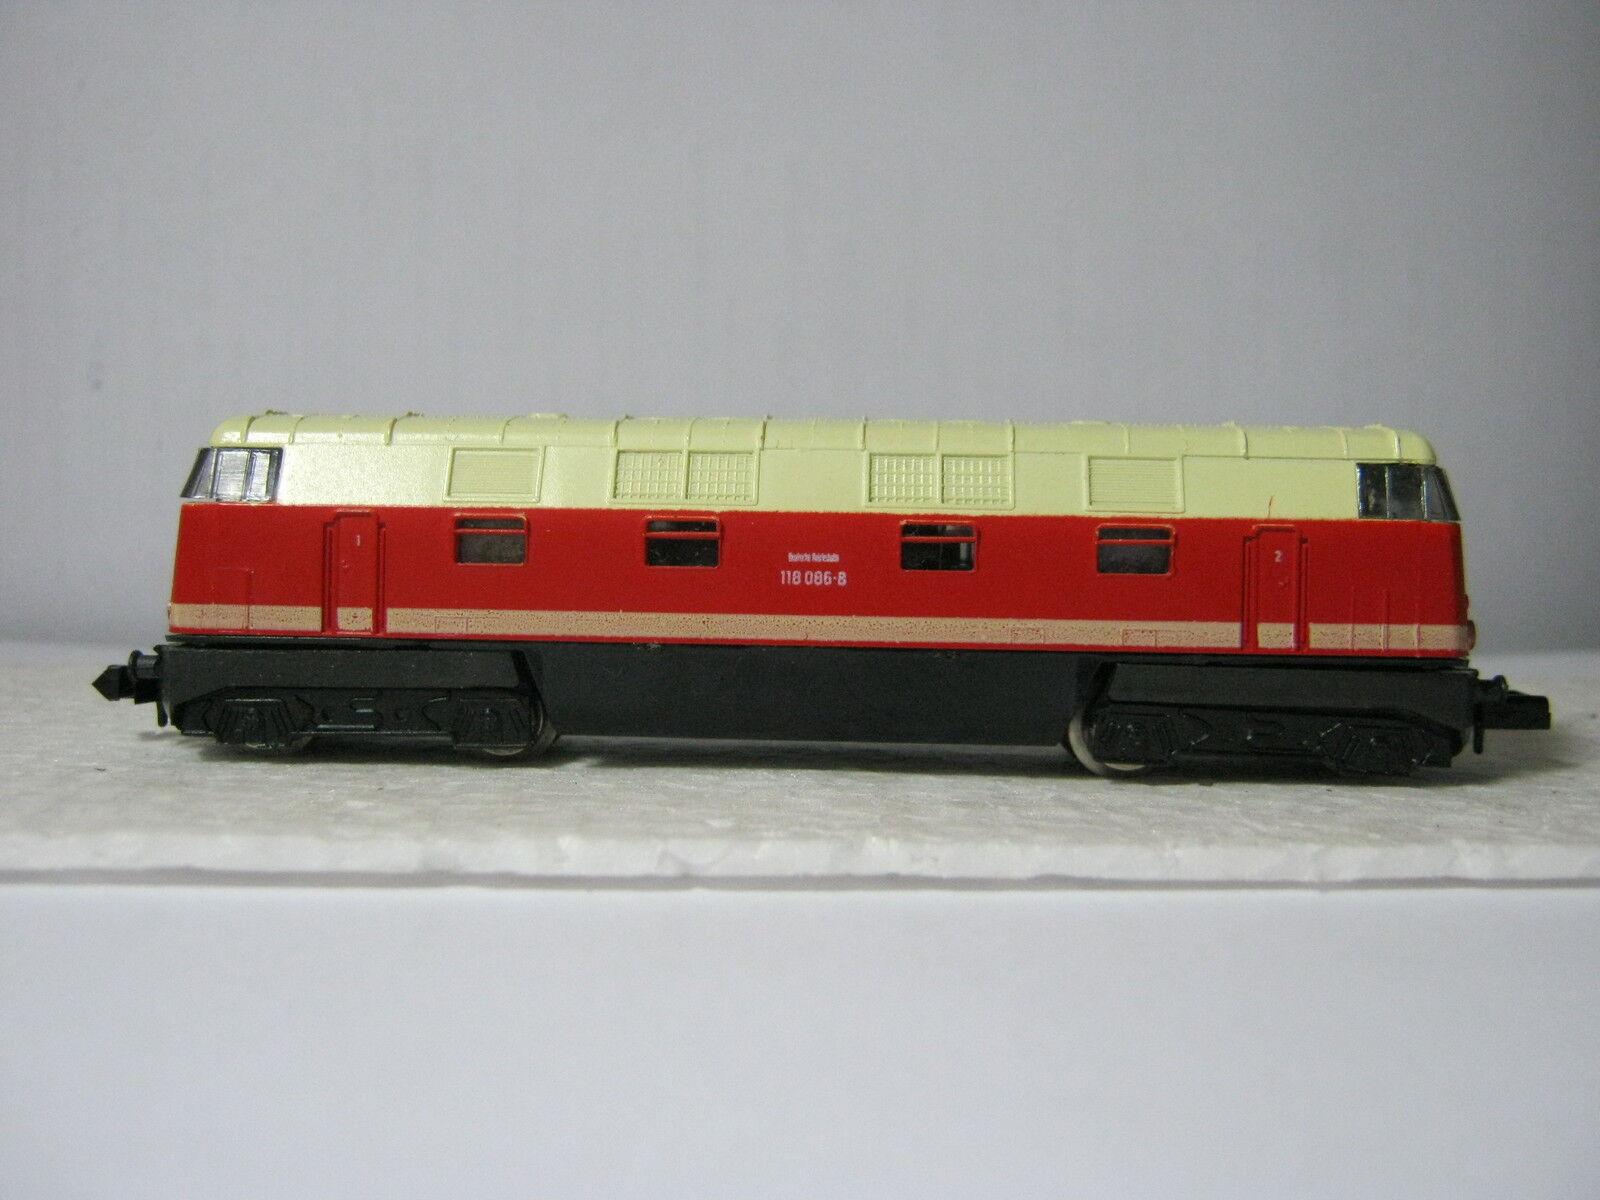 Piko N Diesellok BR 118 086-8 Dr orange Beige (rg ae 42l35)